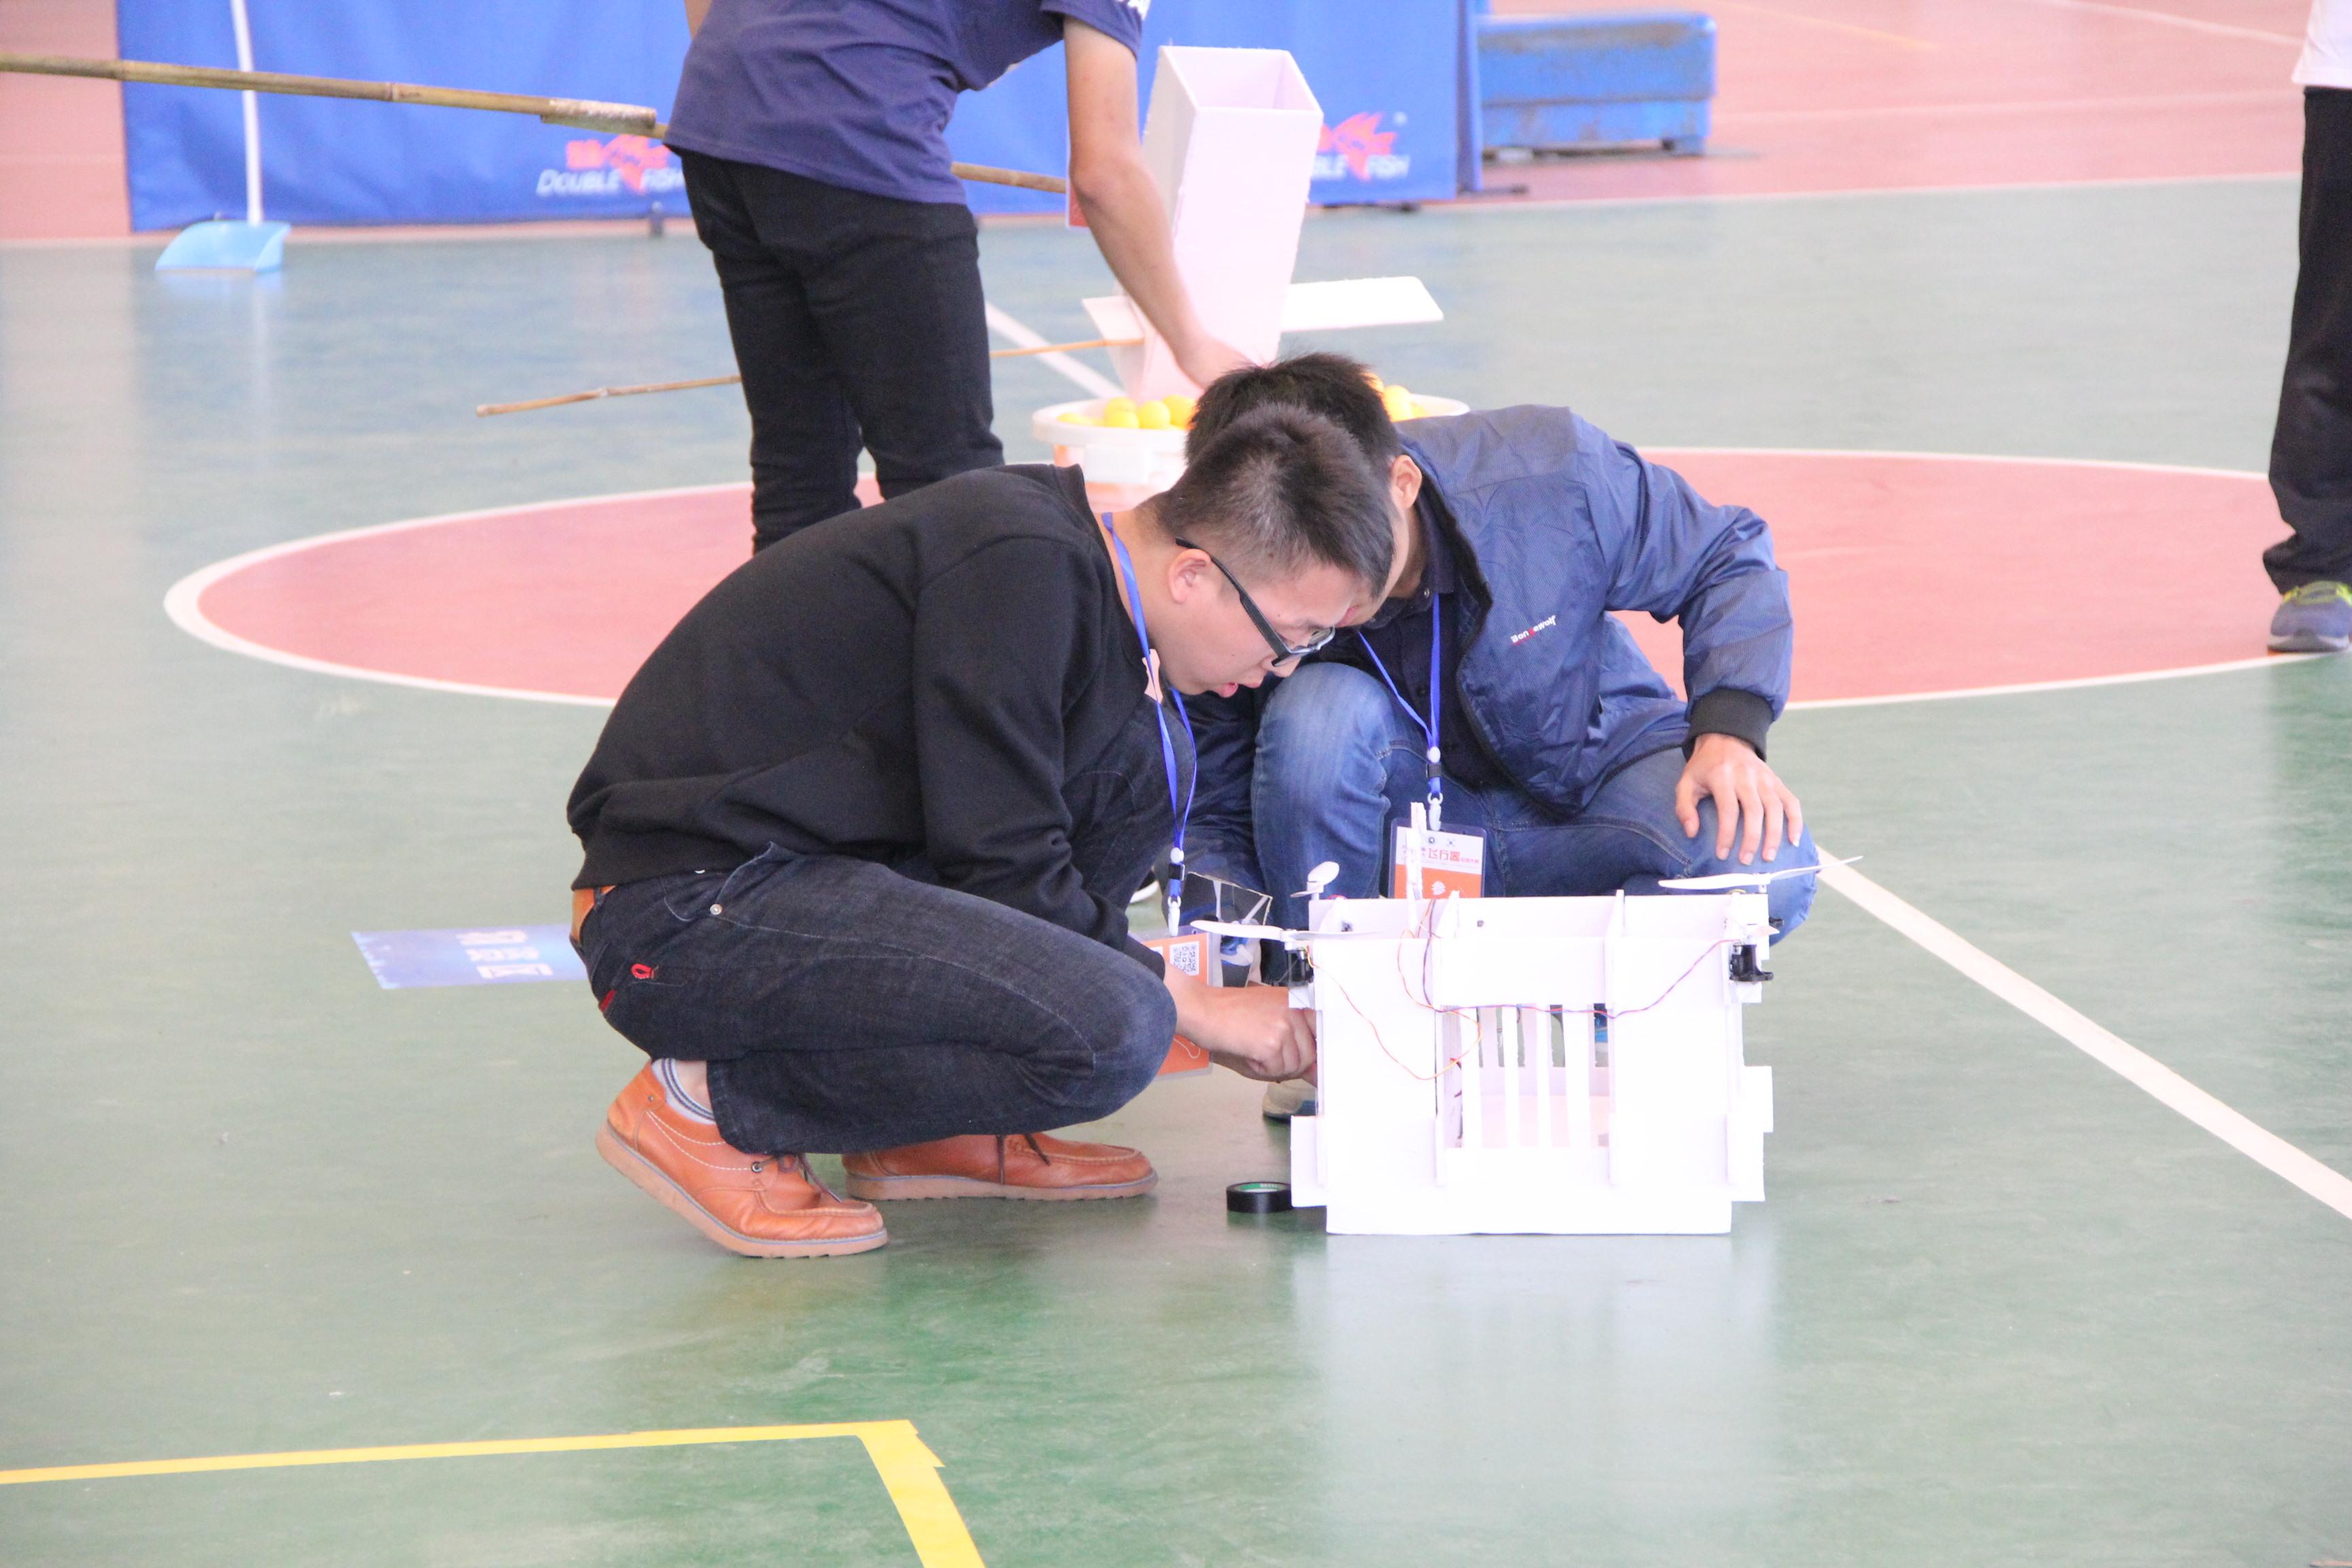 喜讯:我院在2016年江西省大学生无人飞行器应用技术大赛中获得佳绩